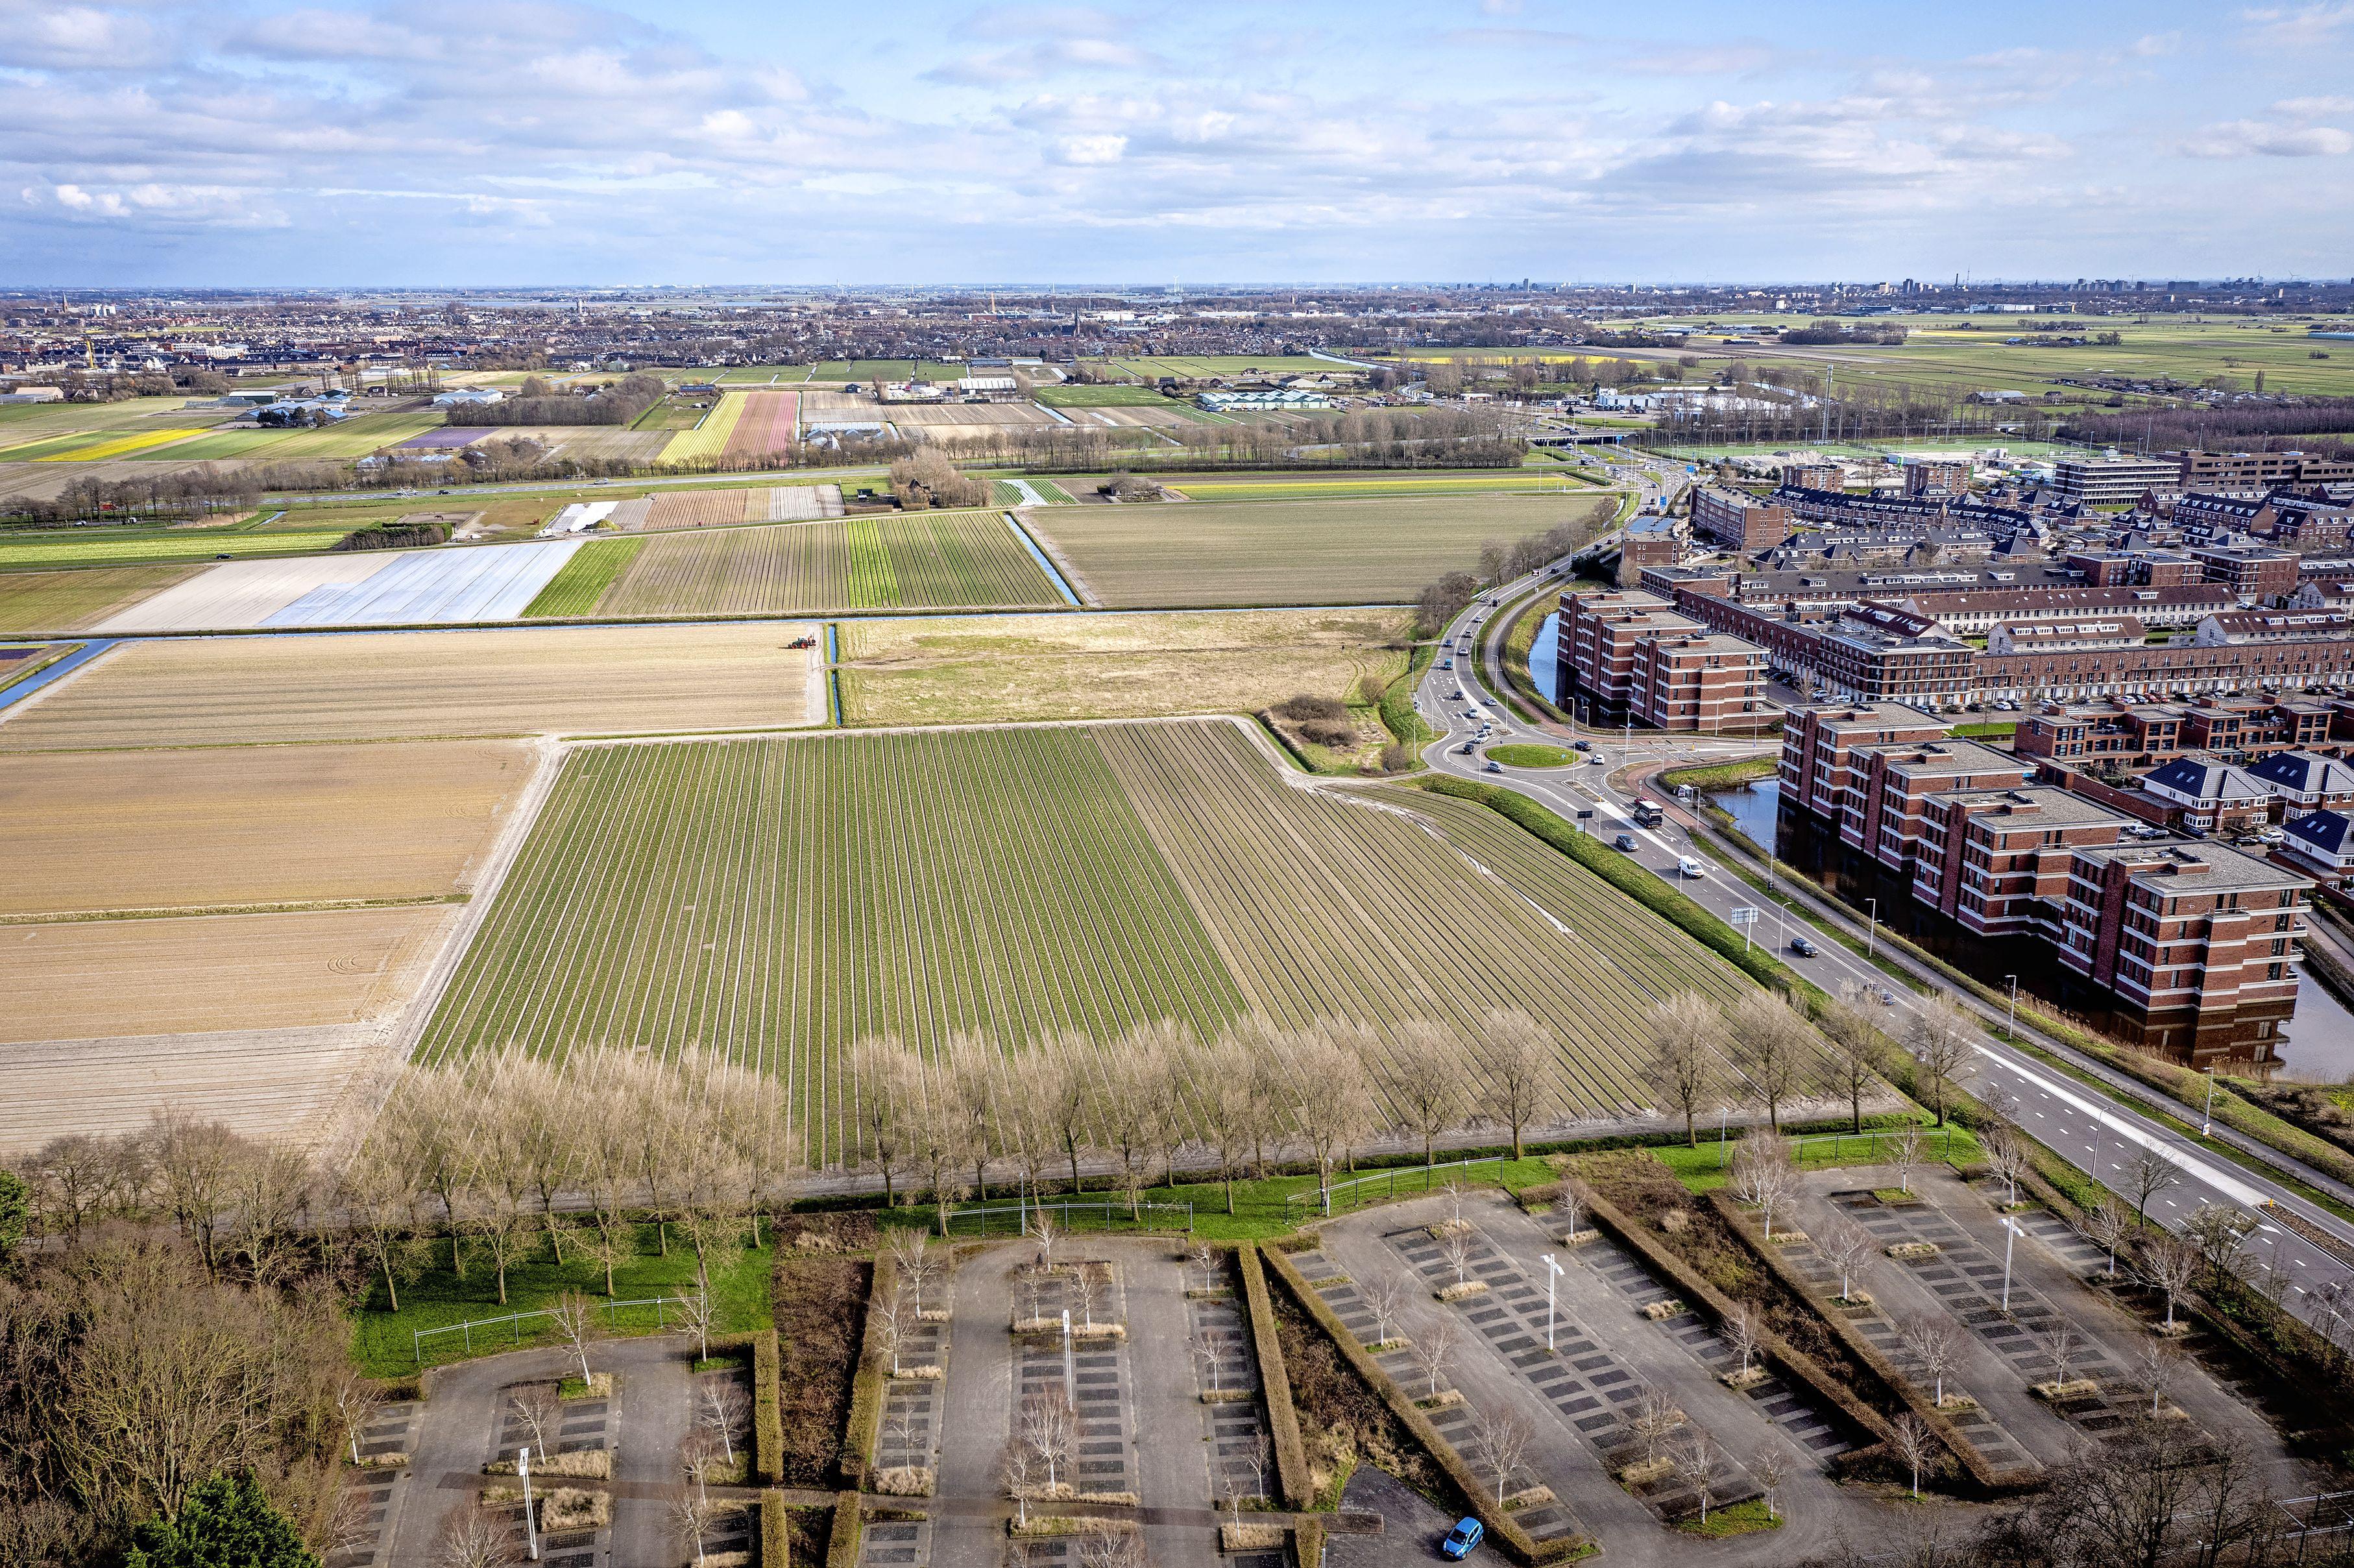 Bronsgeest ingericht als landgoed: gemeente Noordwijk presenteert eerste grove contouren voor nieuwe wijk